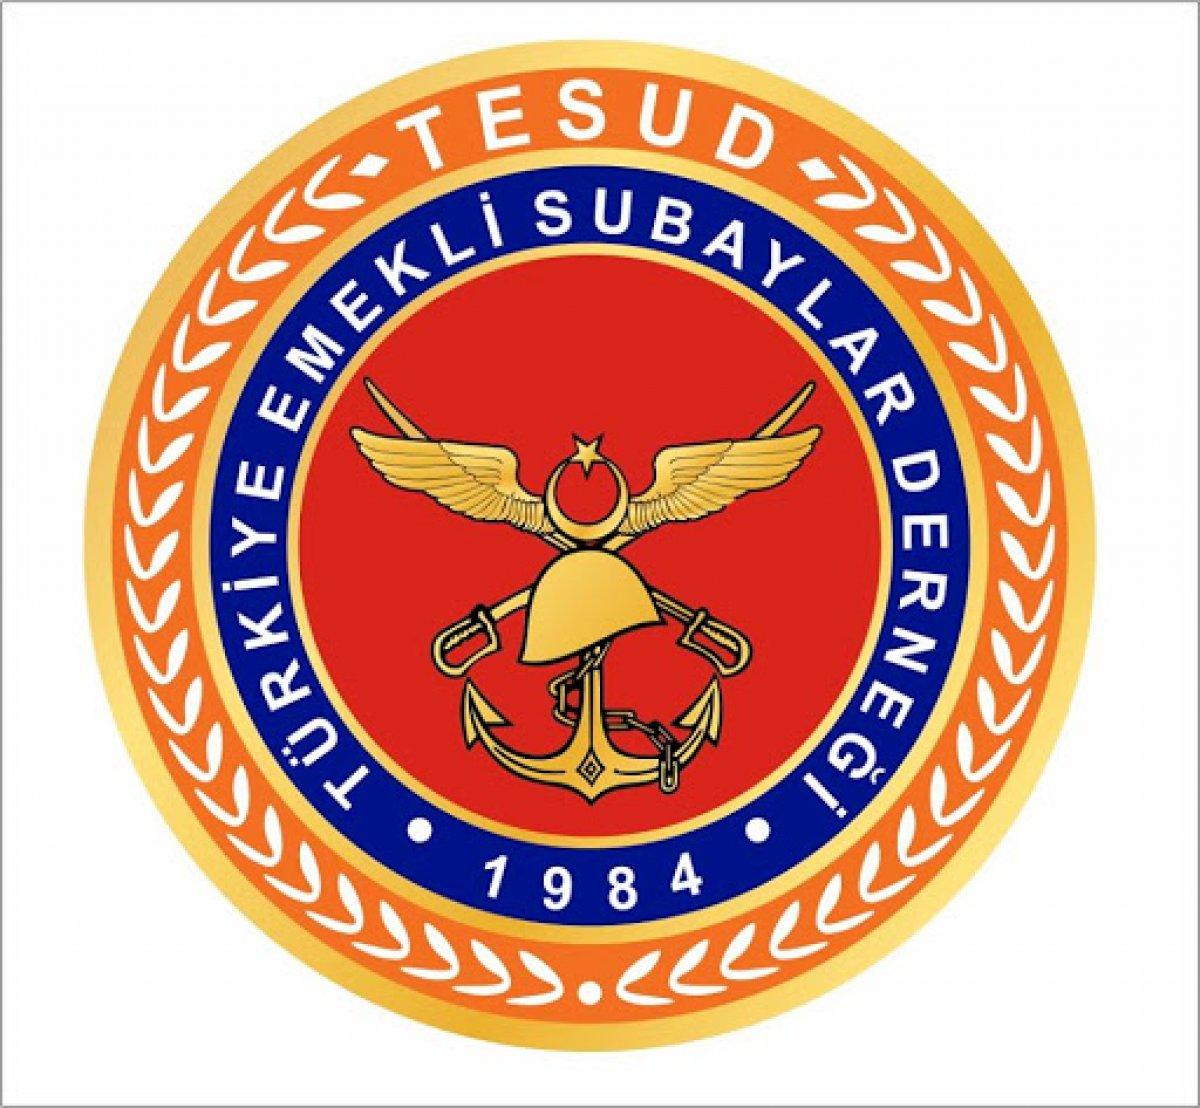 İçişleri Bakanlığı, TESUD yönetimini görevden uzaklaştırdı #1